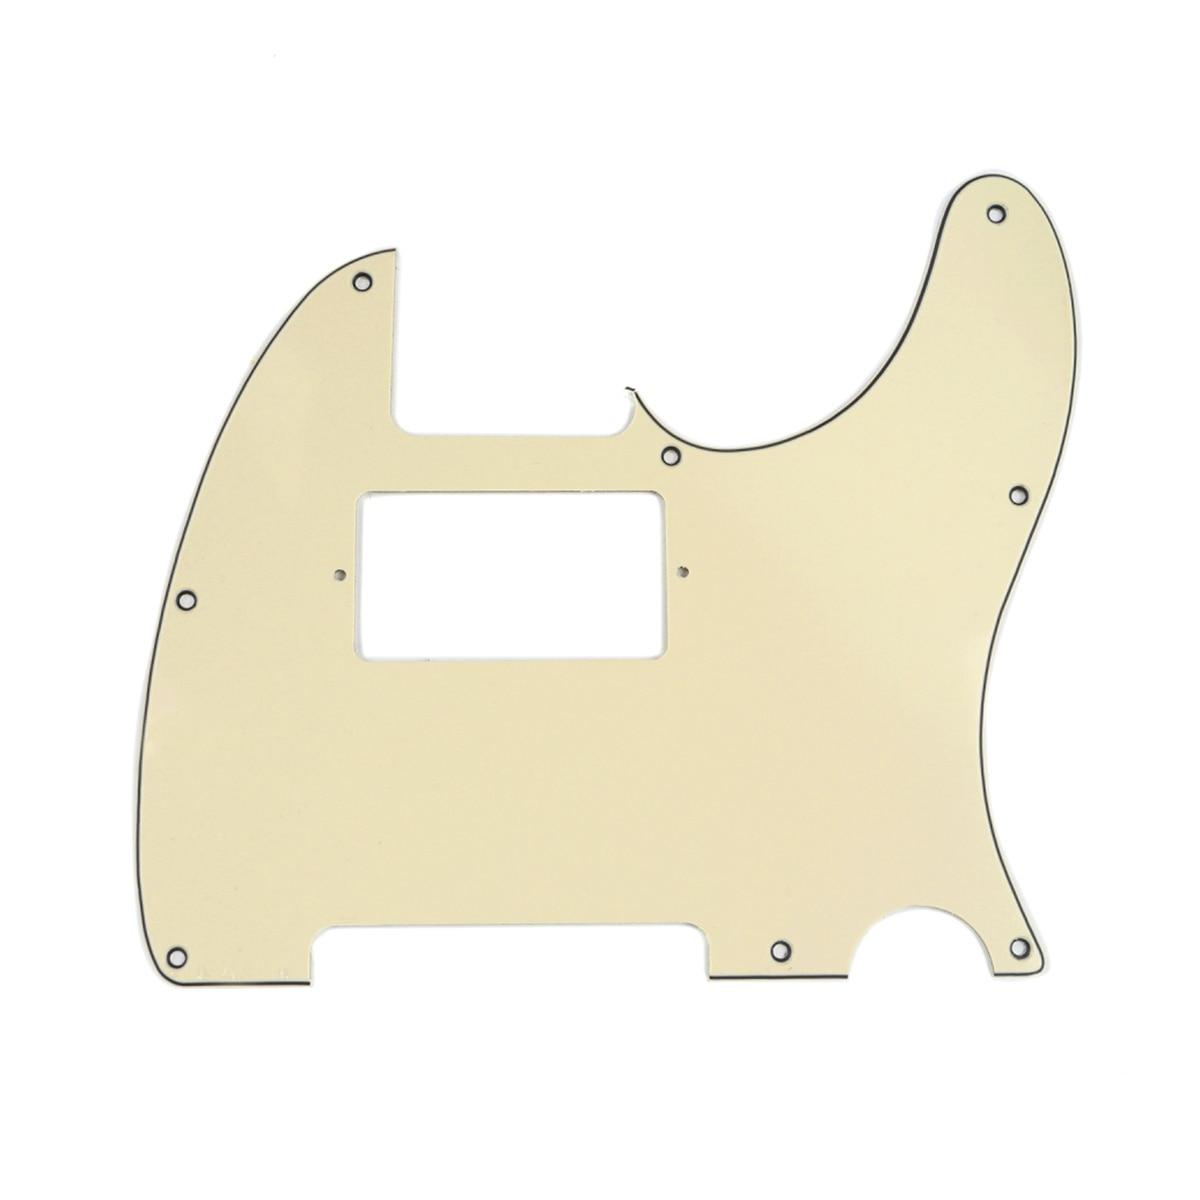 Musiclily 8 buraco guitarra tele pickguard humbucker hh para eua/mexicano feito fender padrão telecaster estilo, 3ply creme